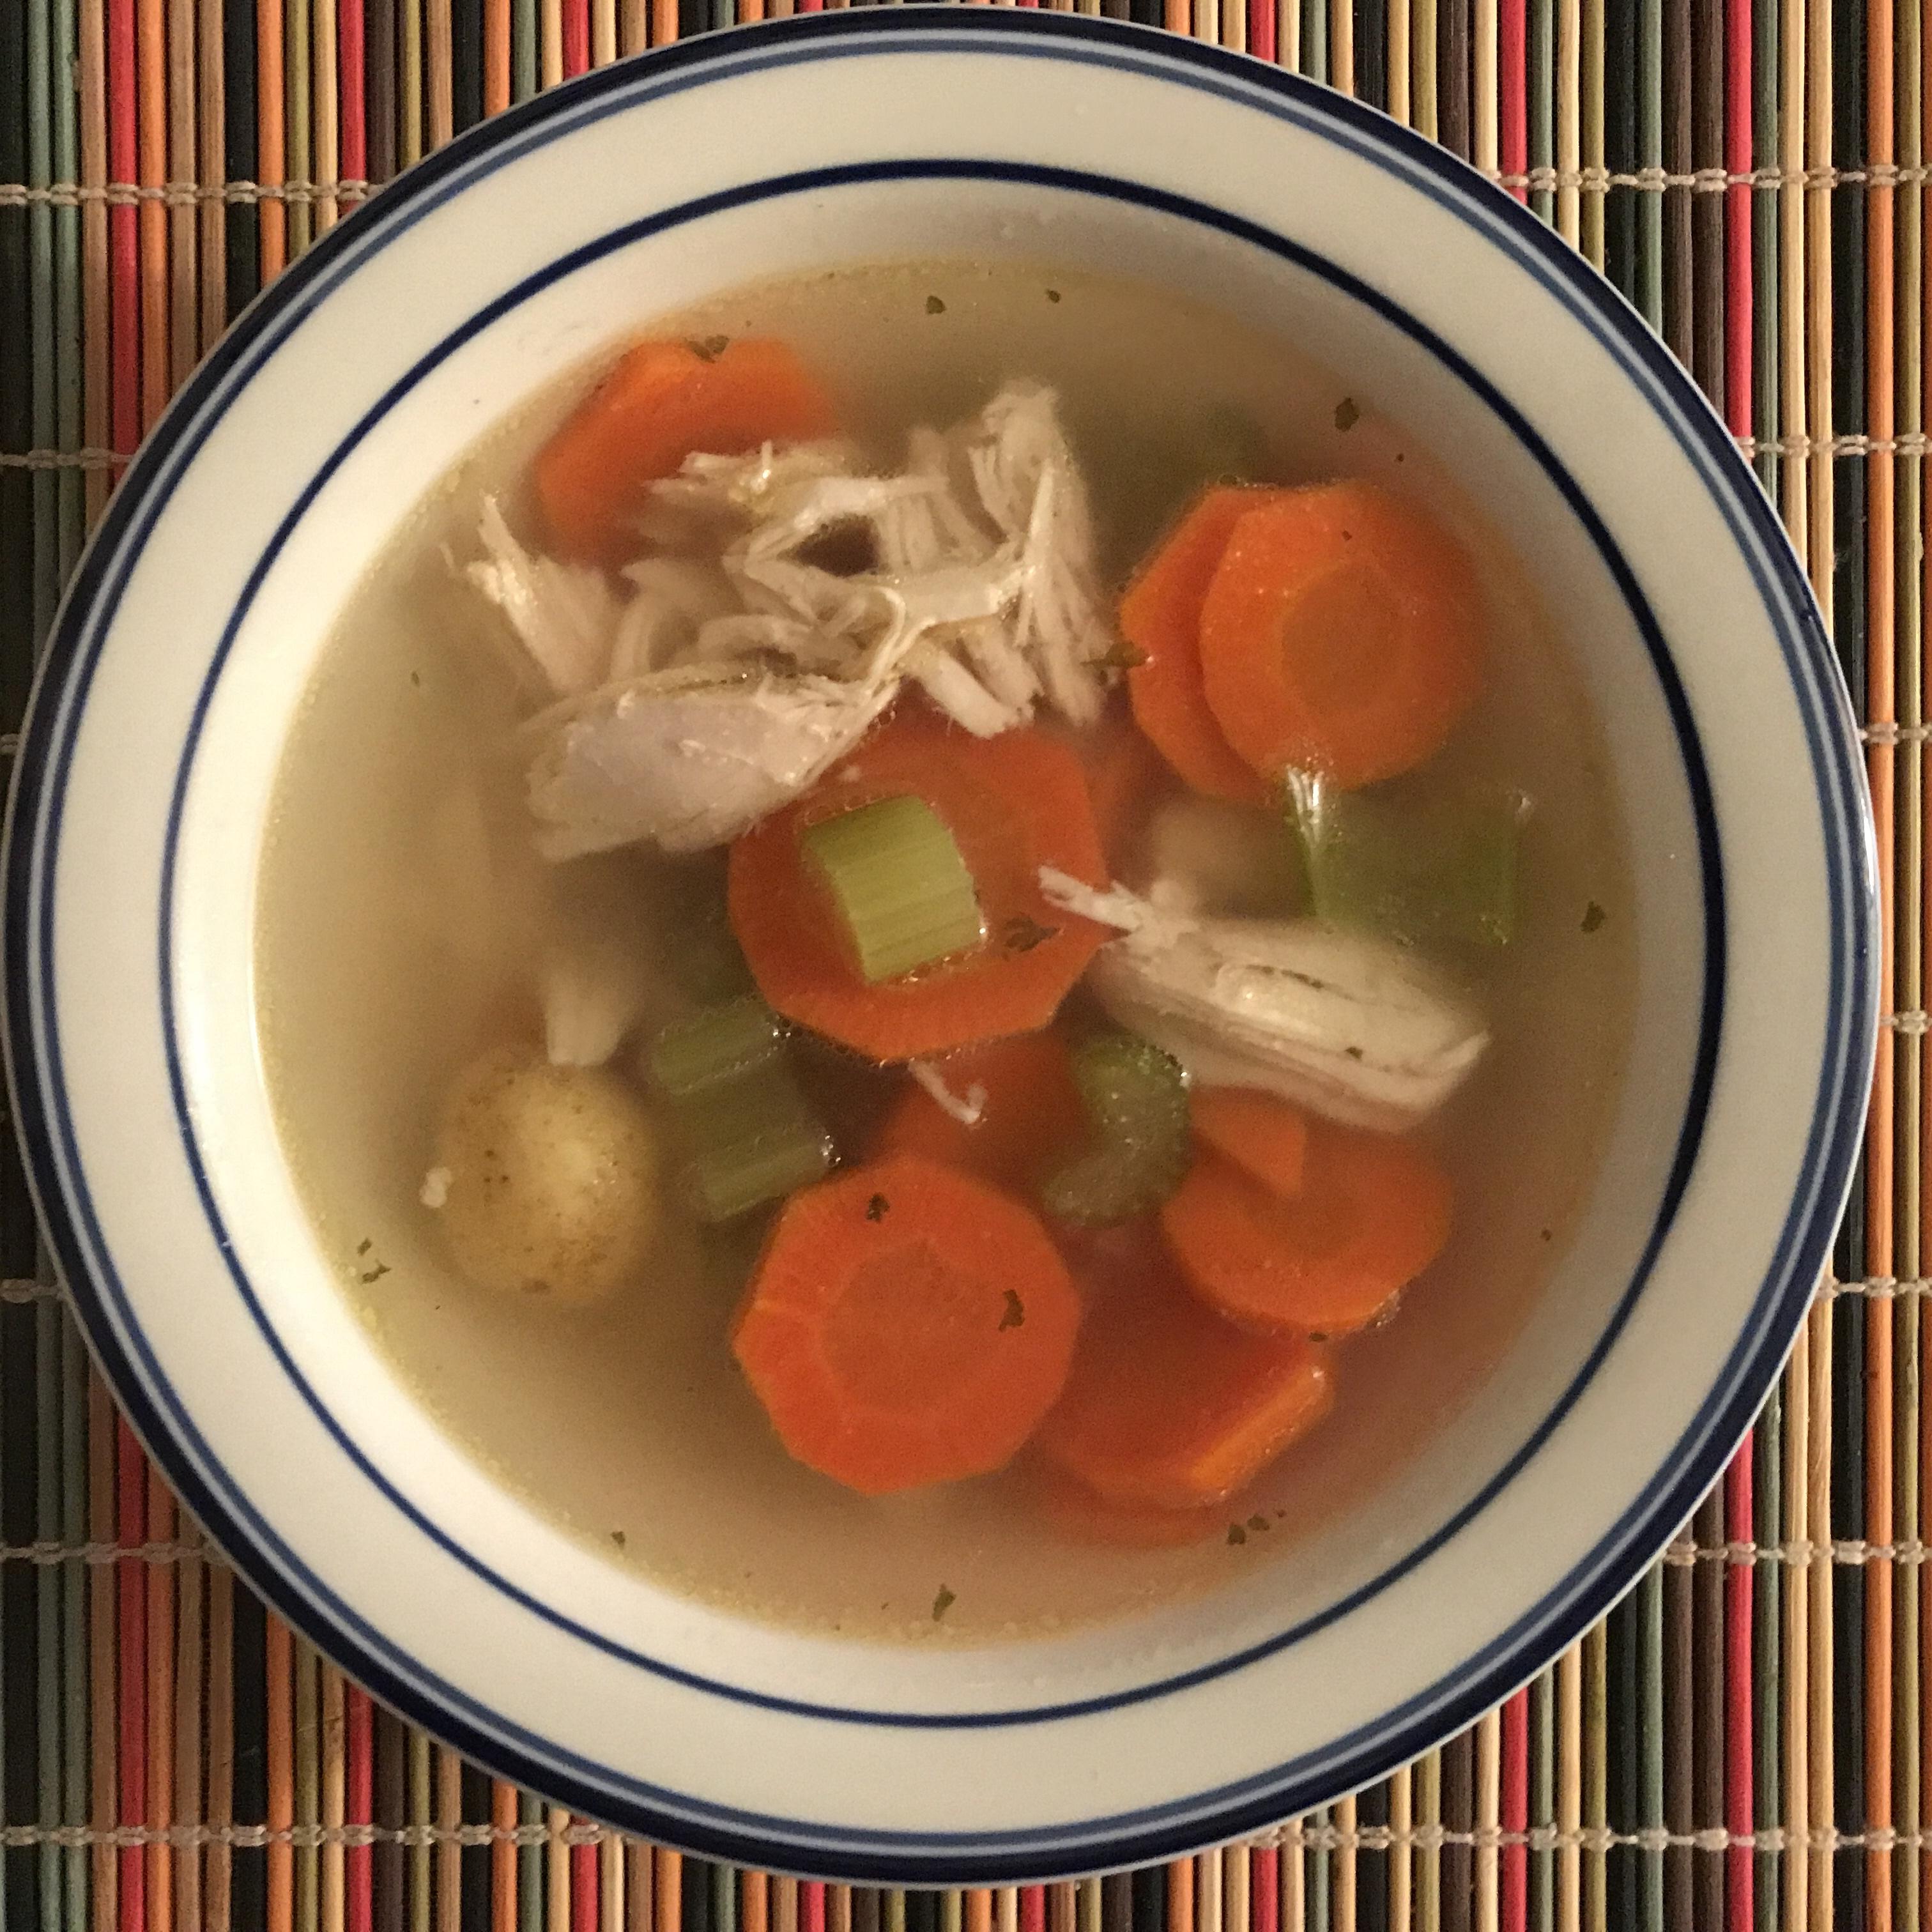 Home Made Chicken Noodle Soup Recipe Allrecipes Com Allrecipes